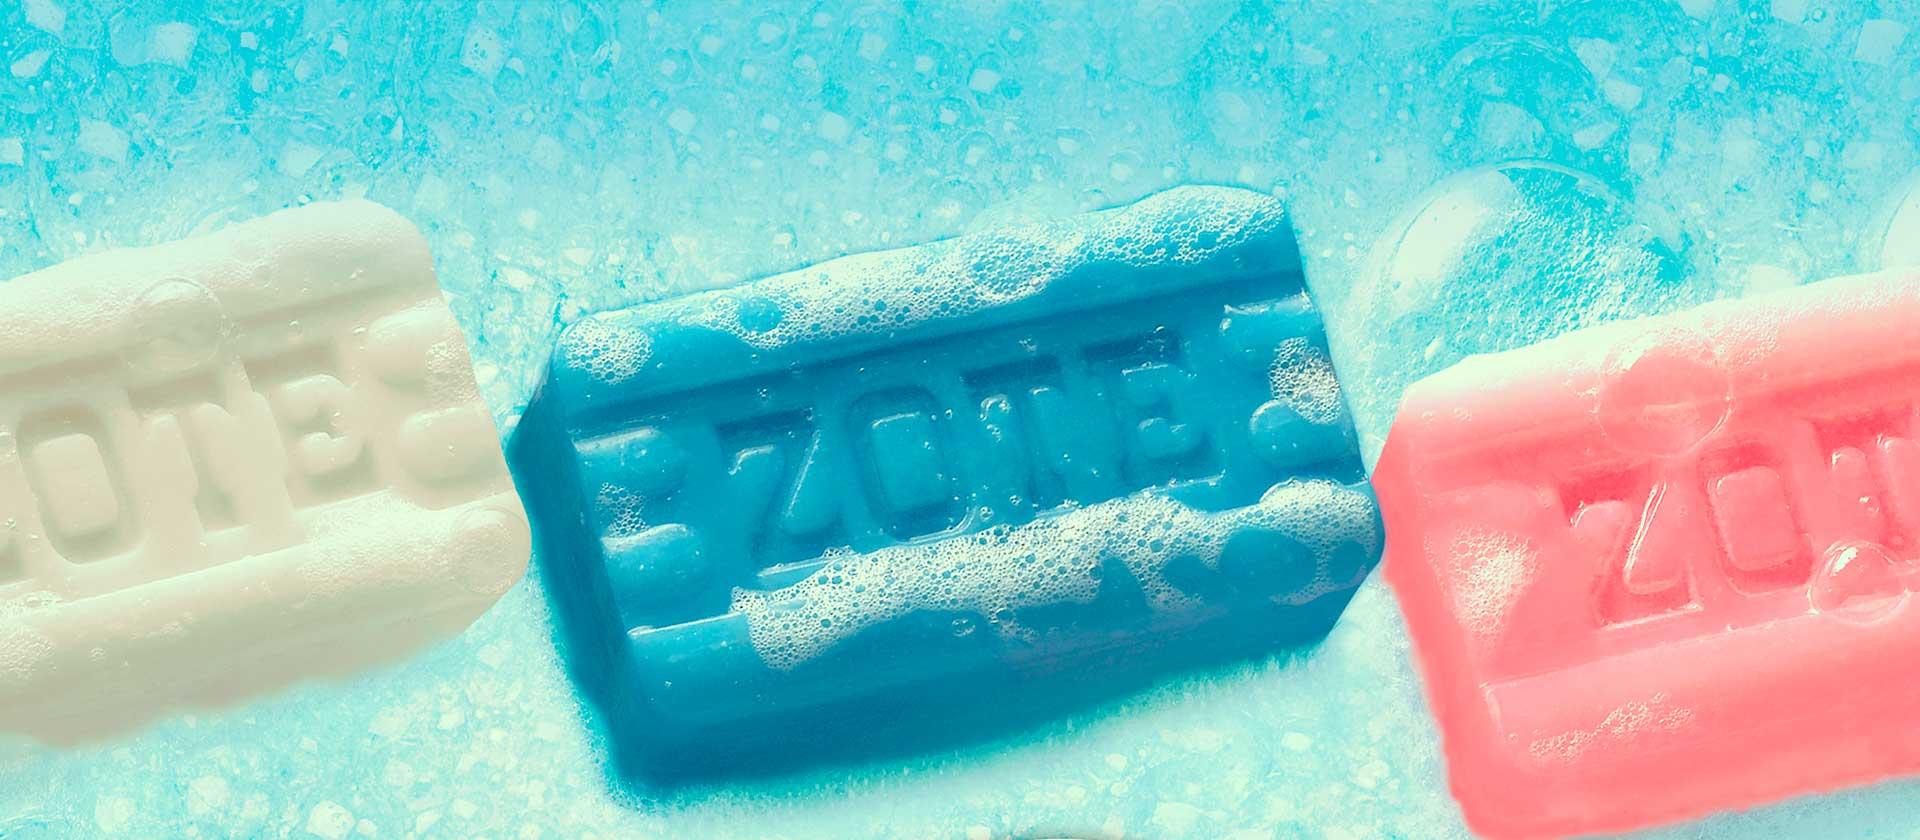 otros usos del jabón zote